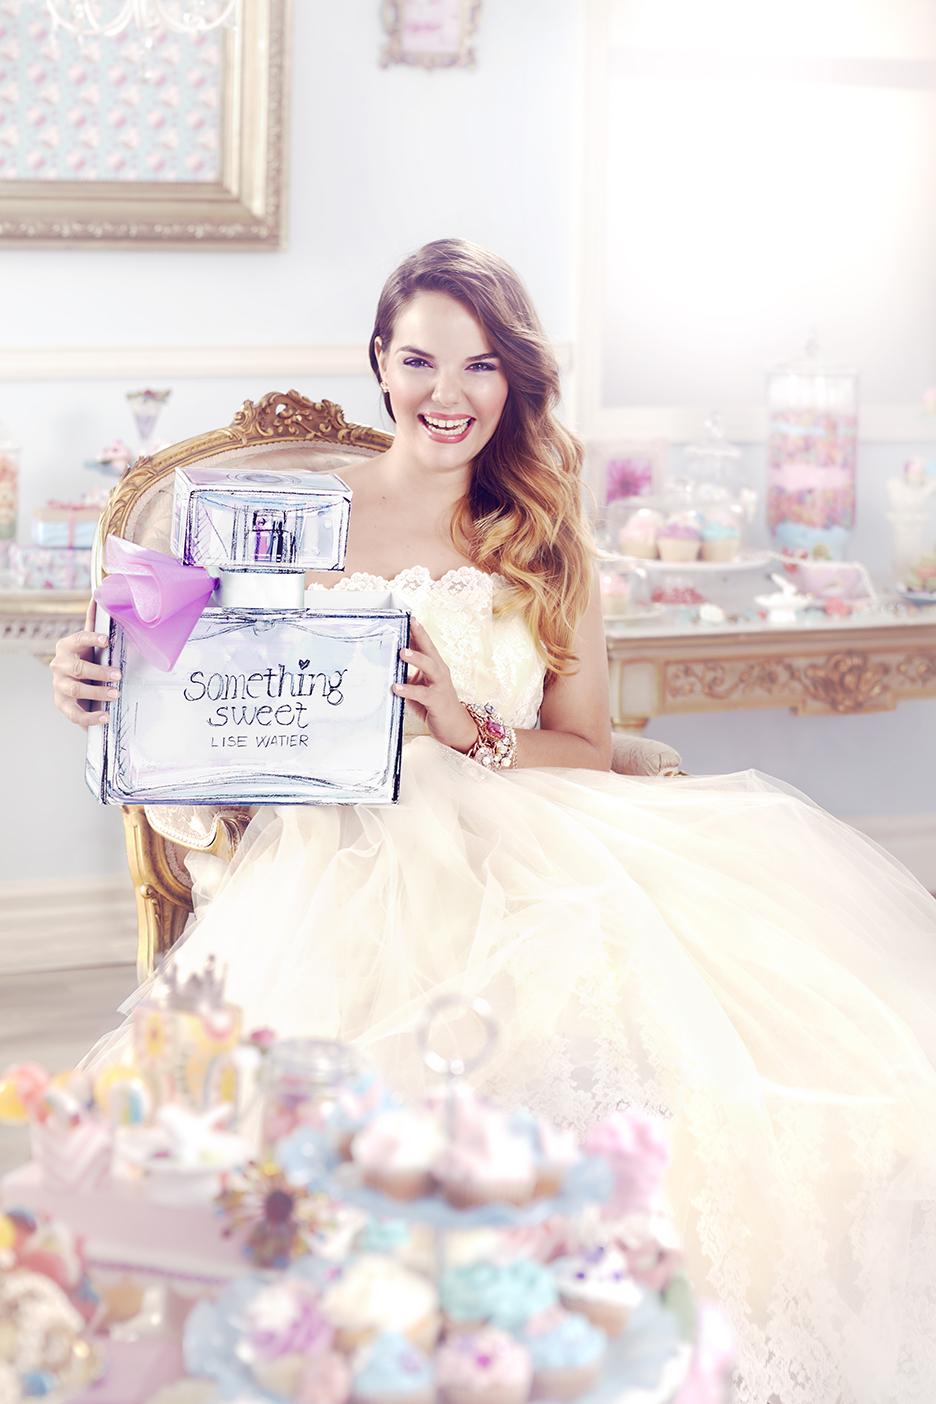 Jessica Kruger: Le nouveau visage de Something Sweet de Lise Watier